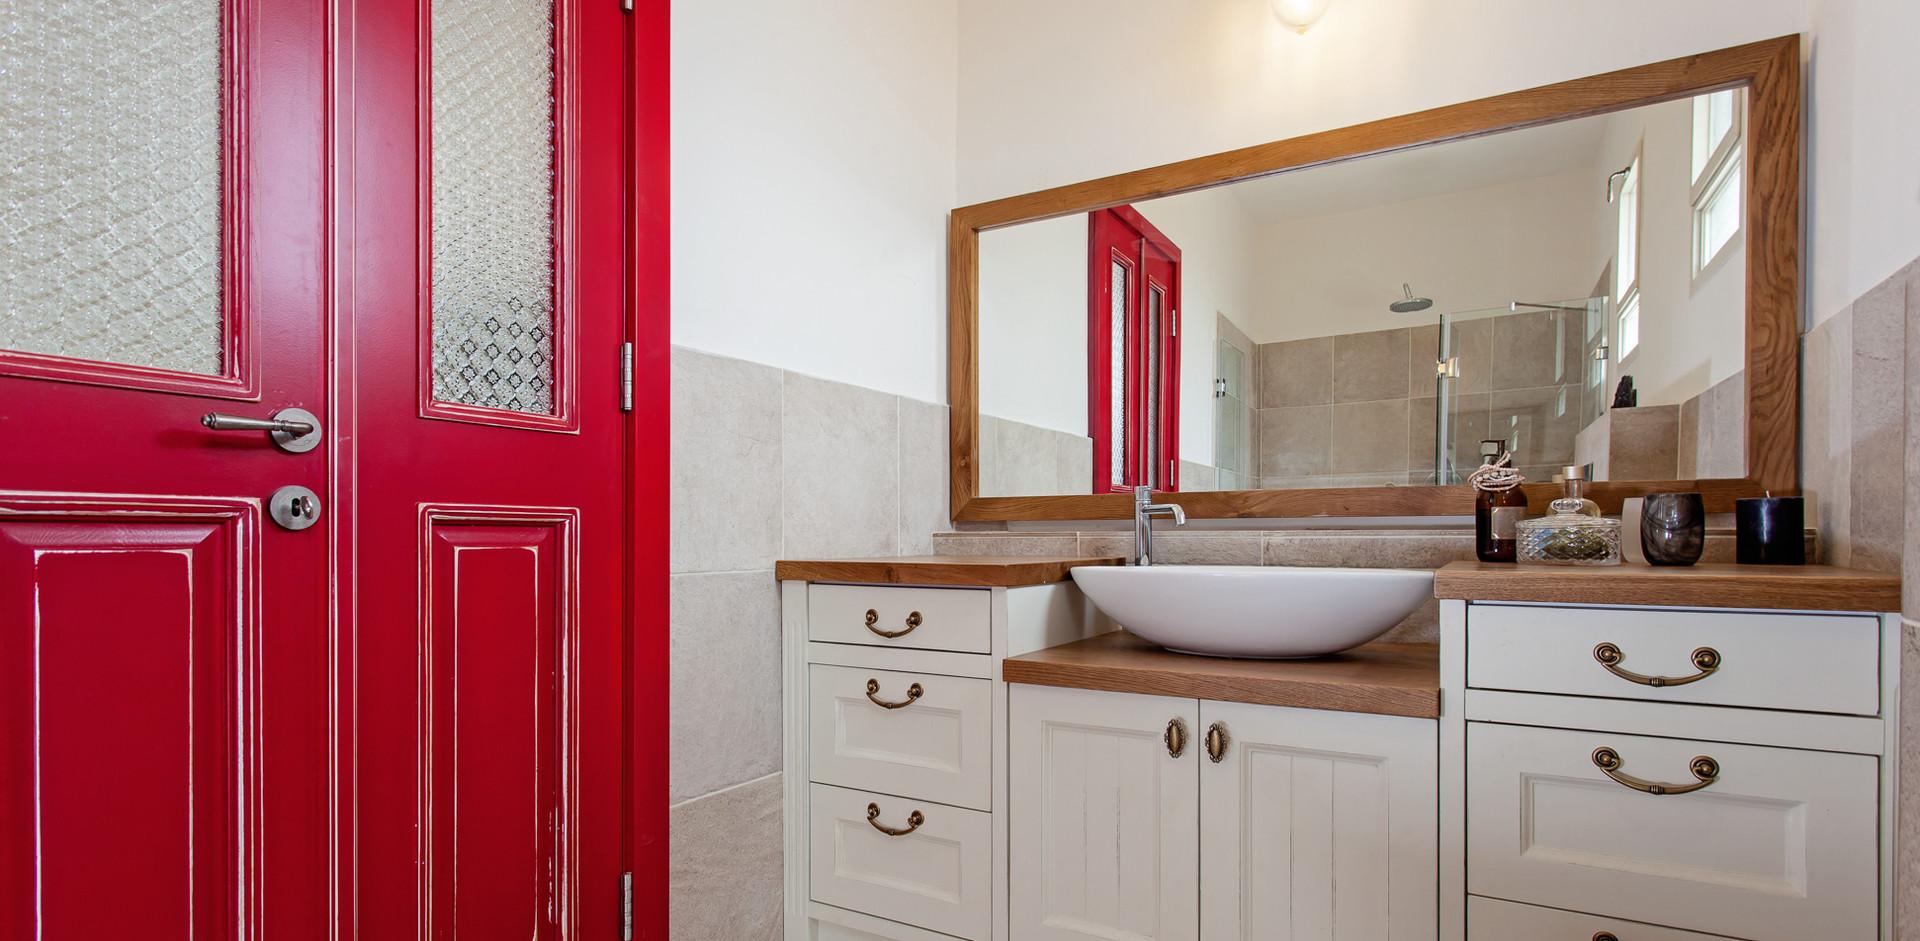 יחידת נגרות חדר אמבטיה מונגשת ופריקה